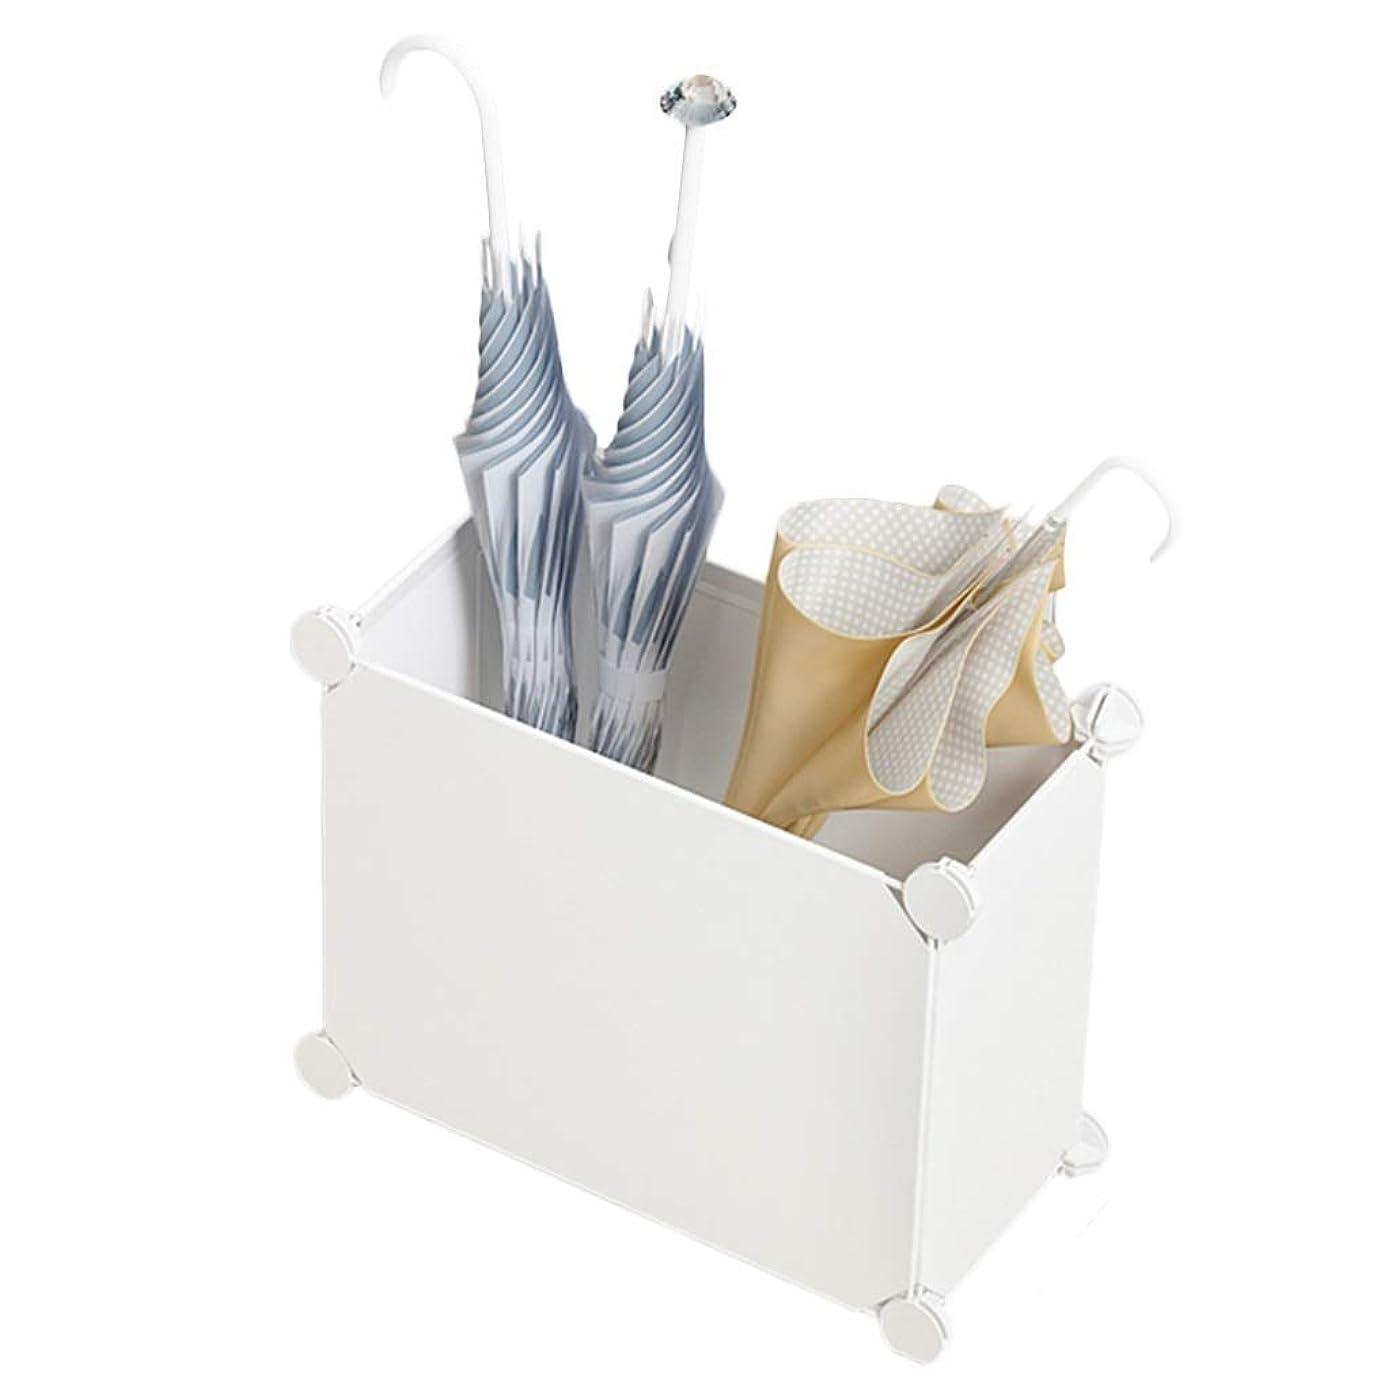 栄光の塩辛い追放する傘立て分解収納アーティファクトシンプルホームロビー商業配置ドア3色39 * 19 * 39cm XMJ(色:白)